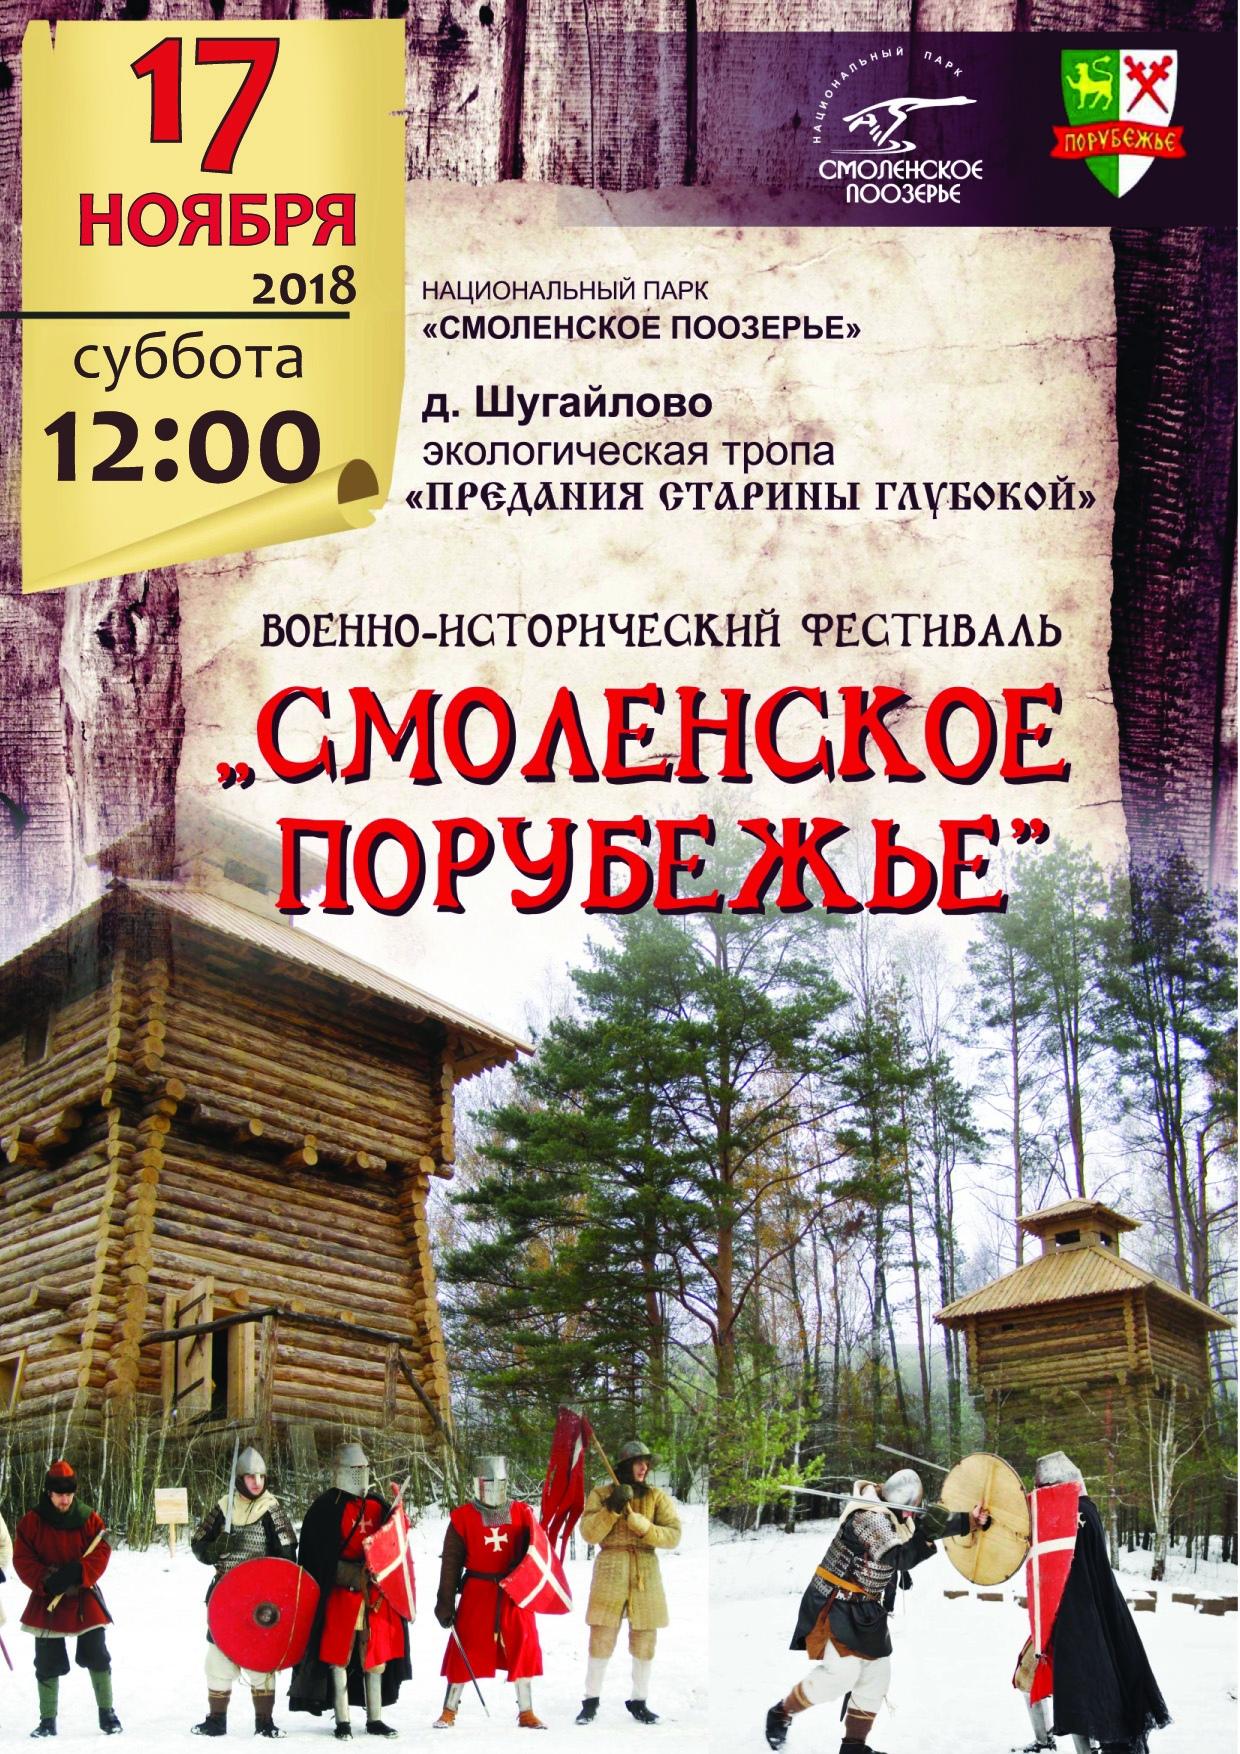 В Смоленском Поозерье пройдет военно-исторический фестиваль